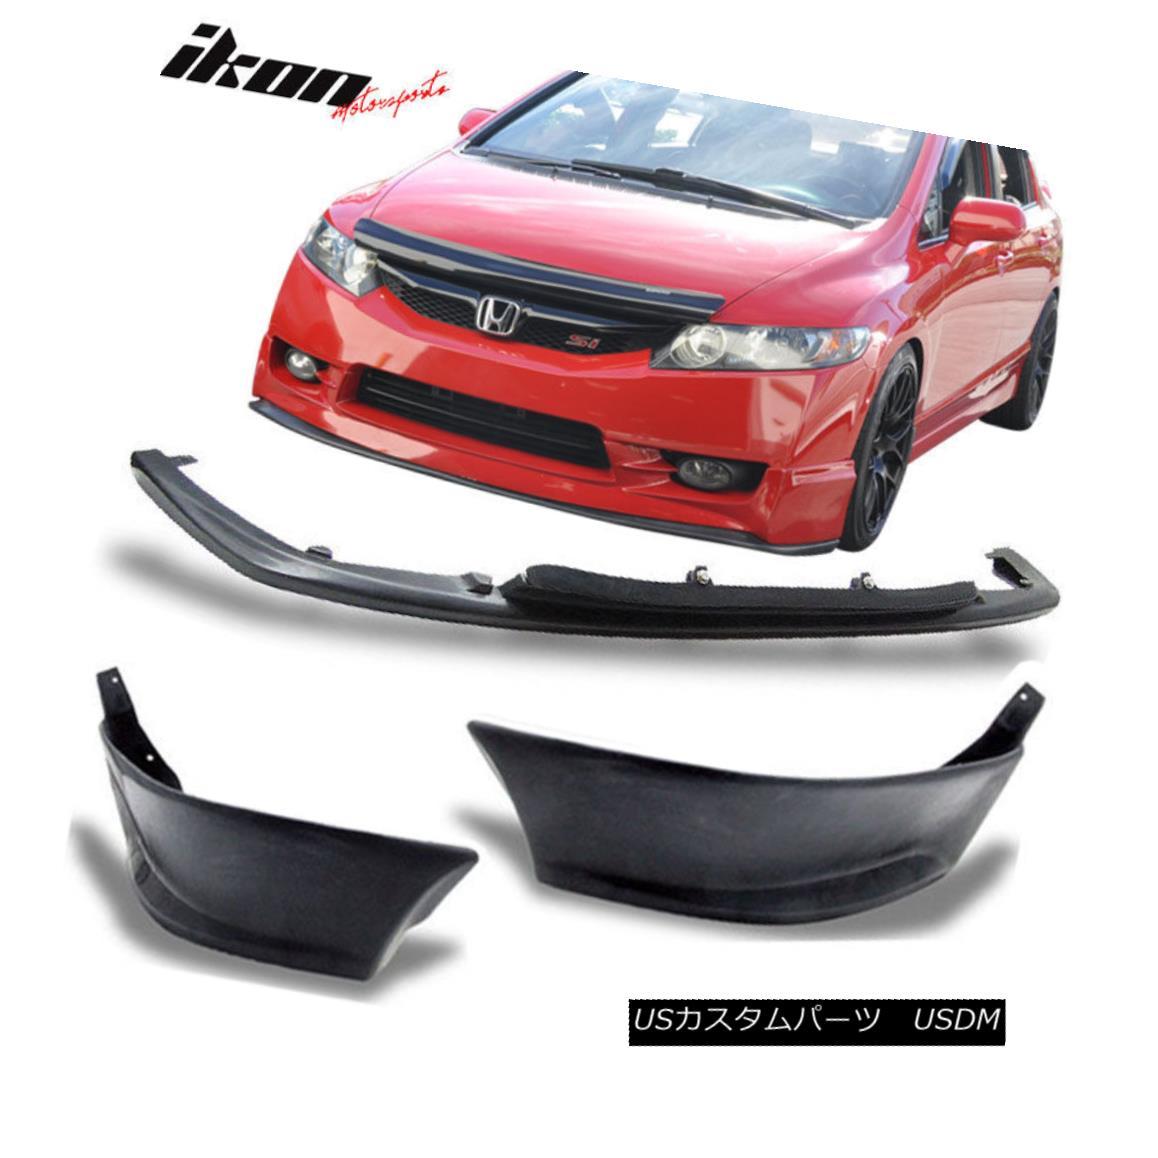 エアロパーツ Fit For Subaru Impreza WRX 04-05 V-Limited Front + Rear Lip Spoiler Urethane スバルインプレッサWRX 04-05用V-Limitedフロント+リアリップスポイラーウレタン